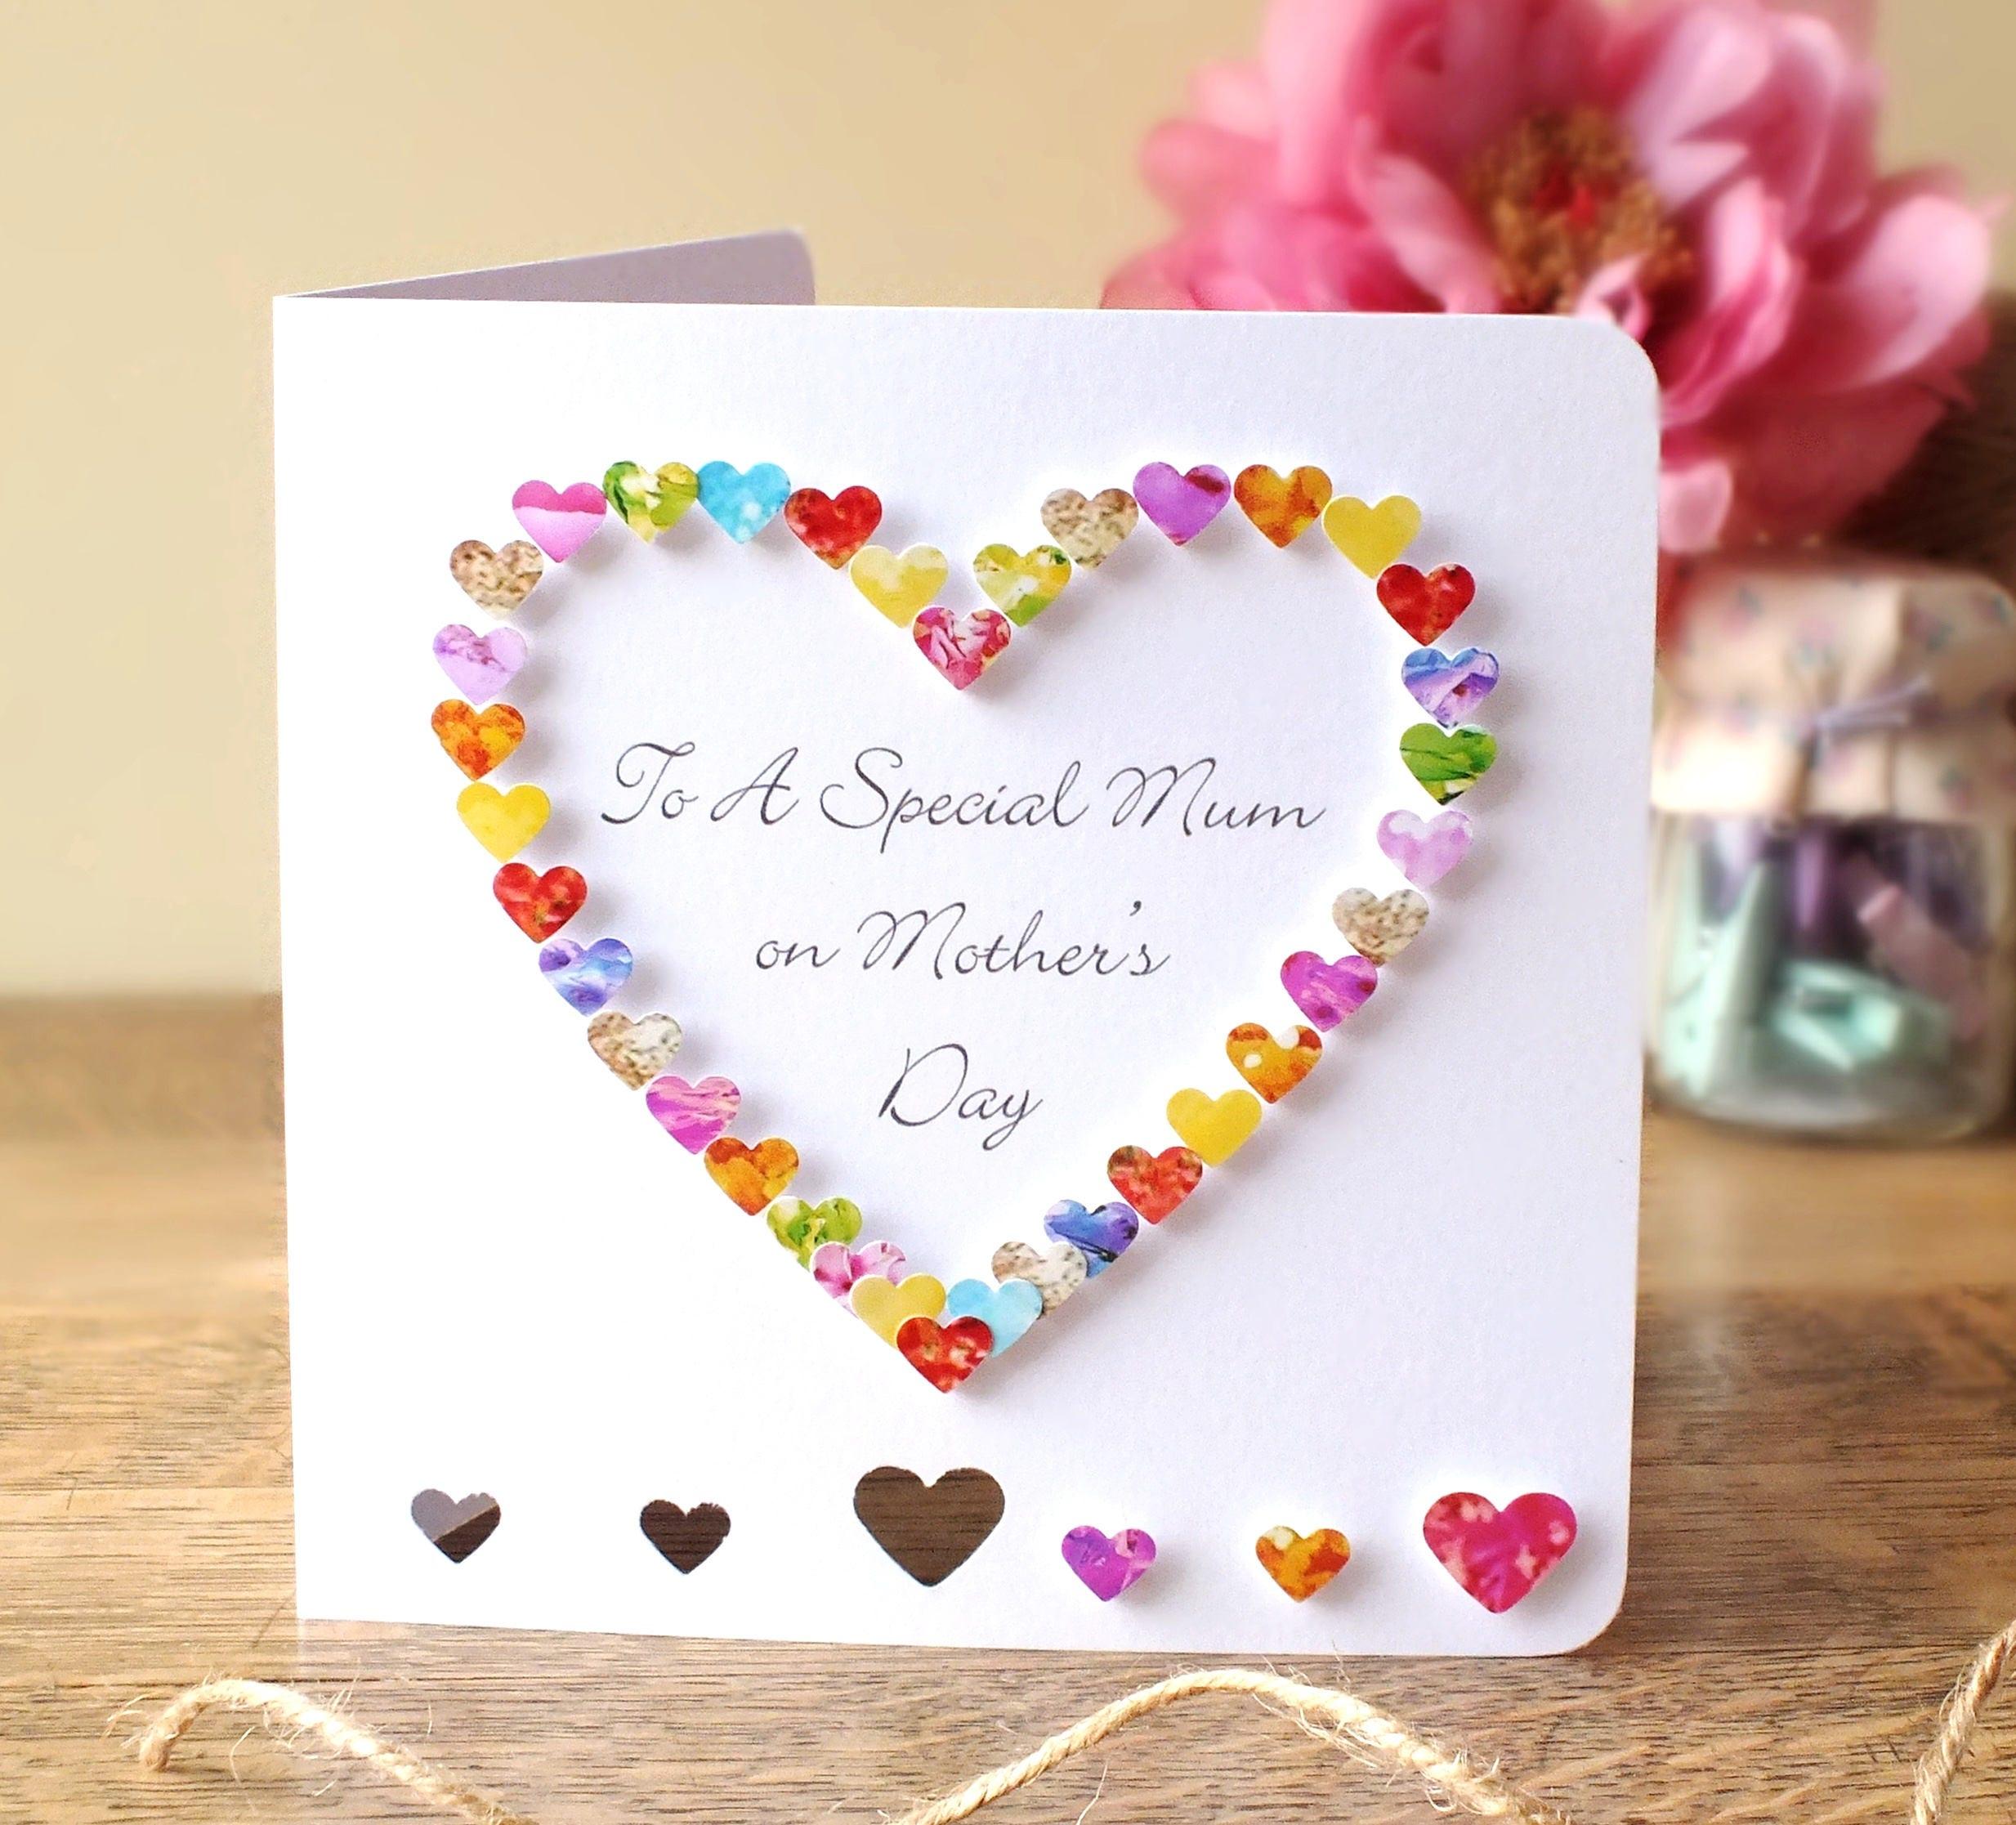 Как украсить открытку внутри на день рождения маме, днем шофера девушке